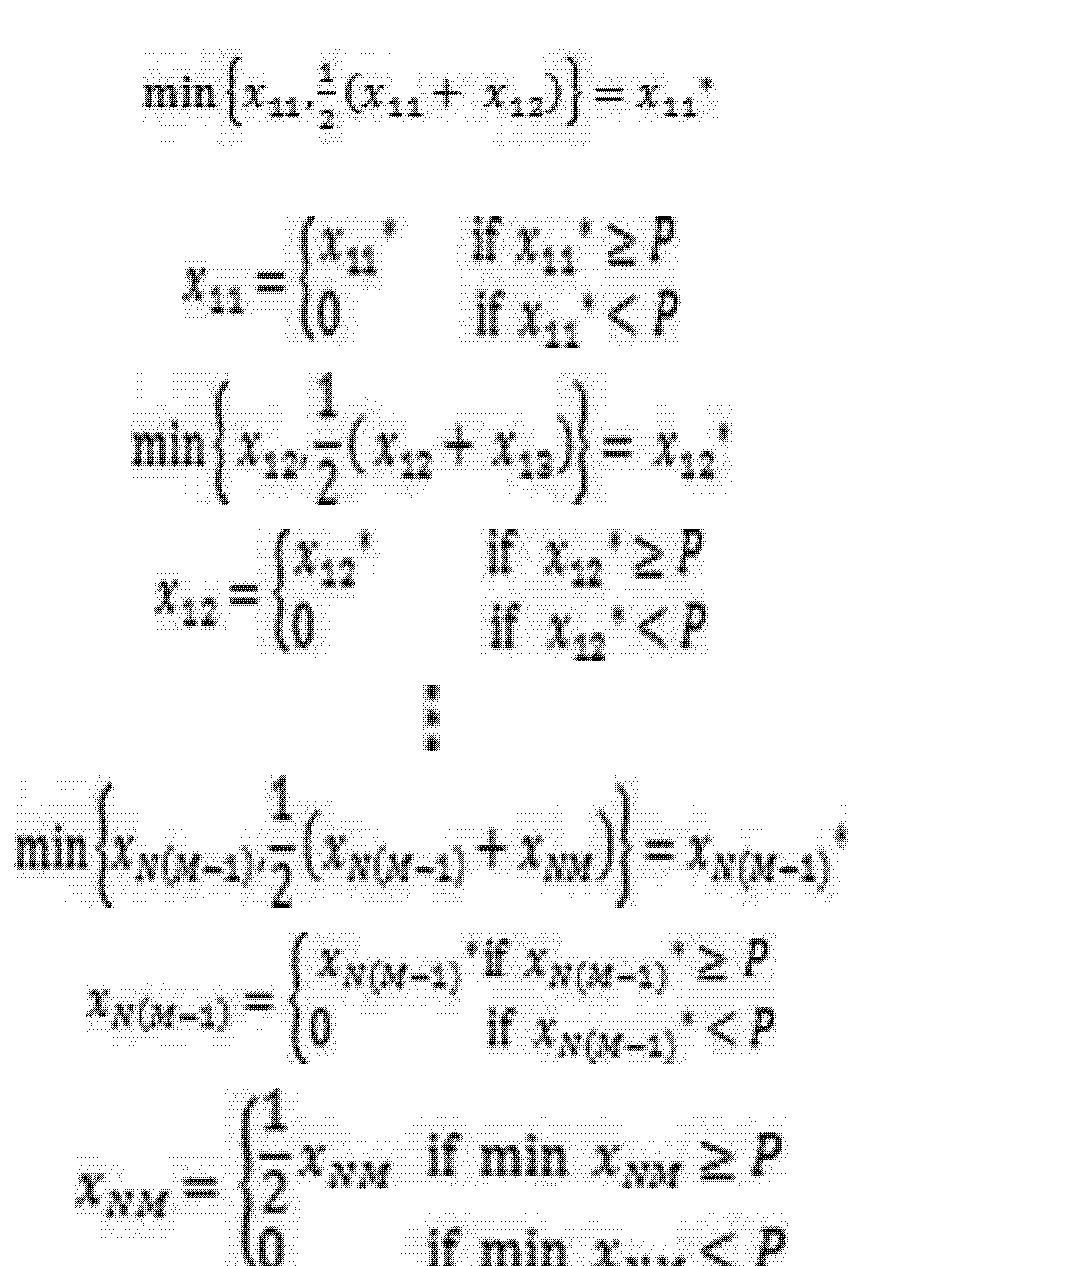 Figure CN103268765AC00033